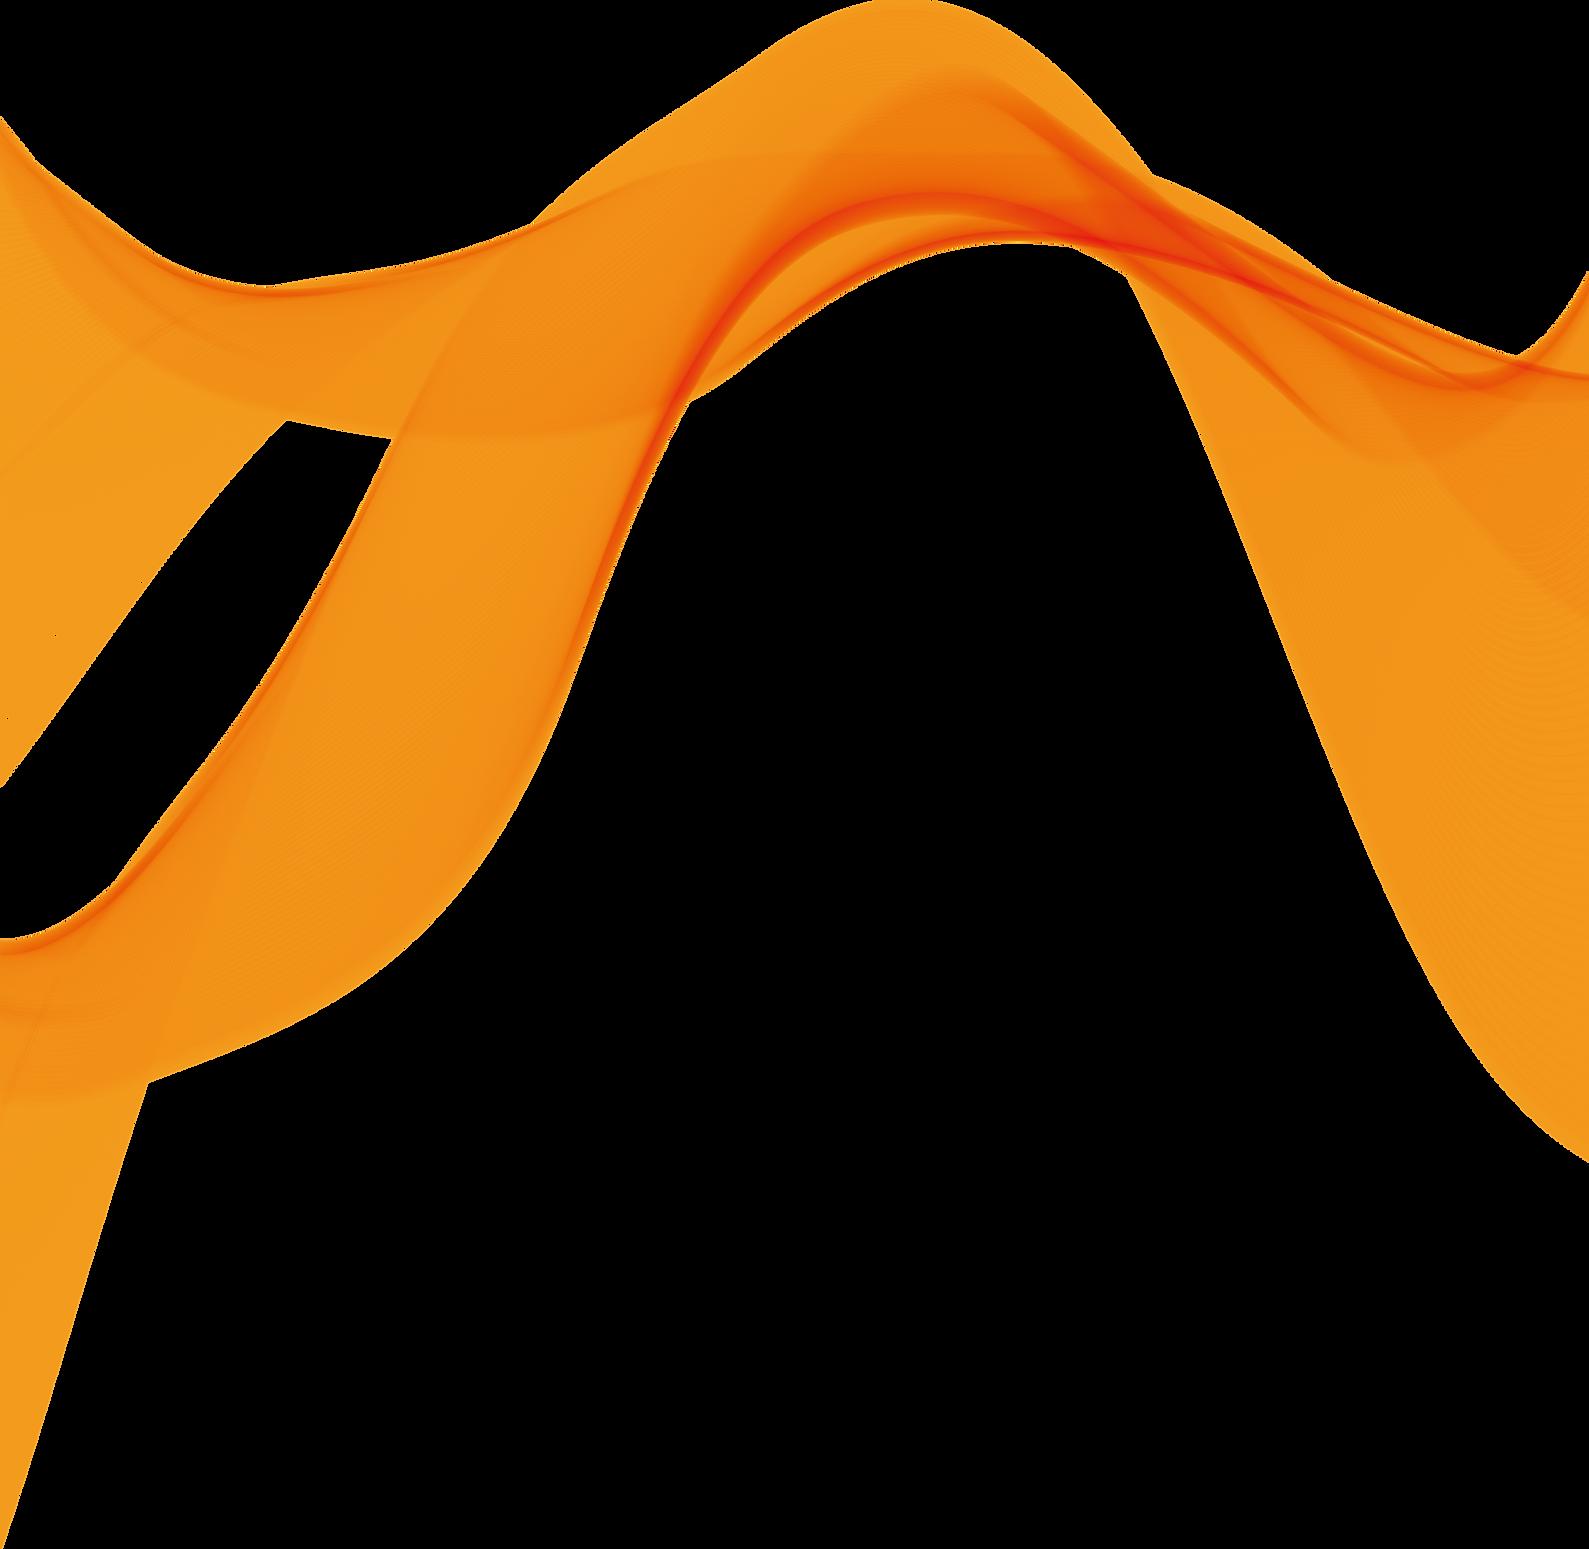 kisspng-orange-color-computer-file-orang